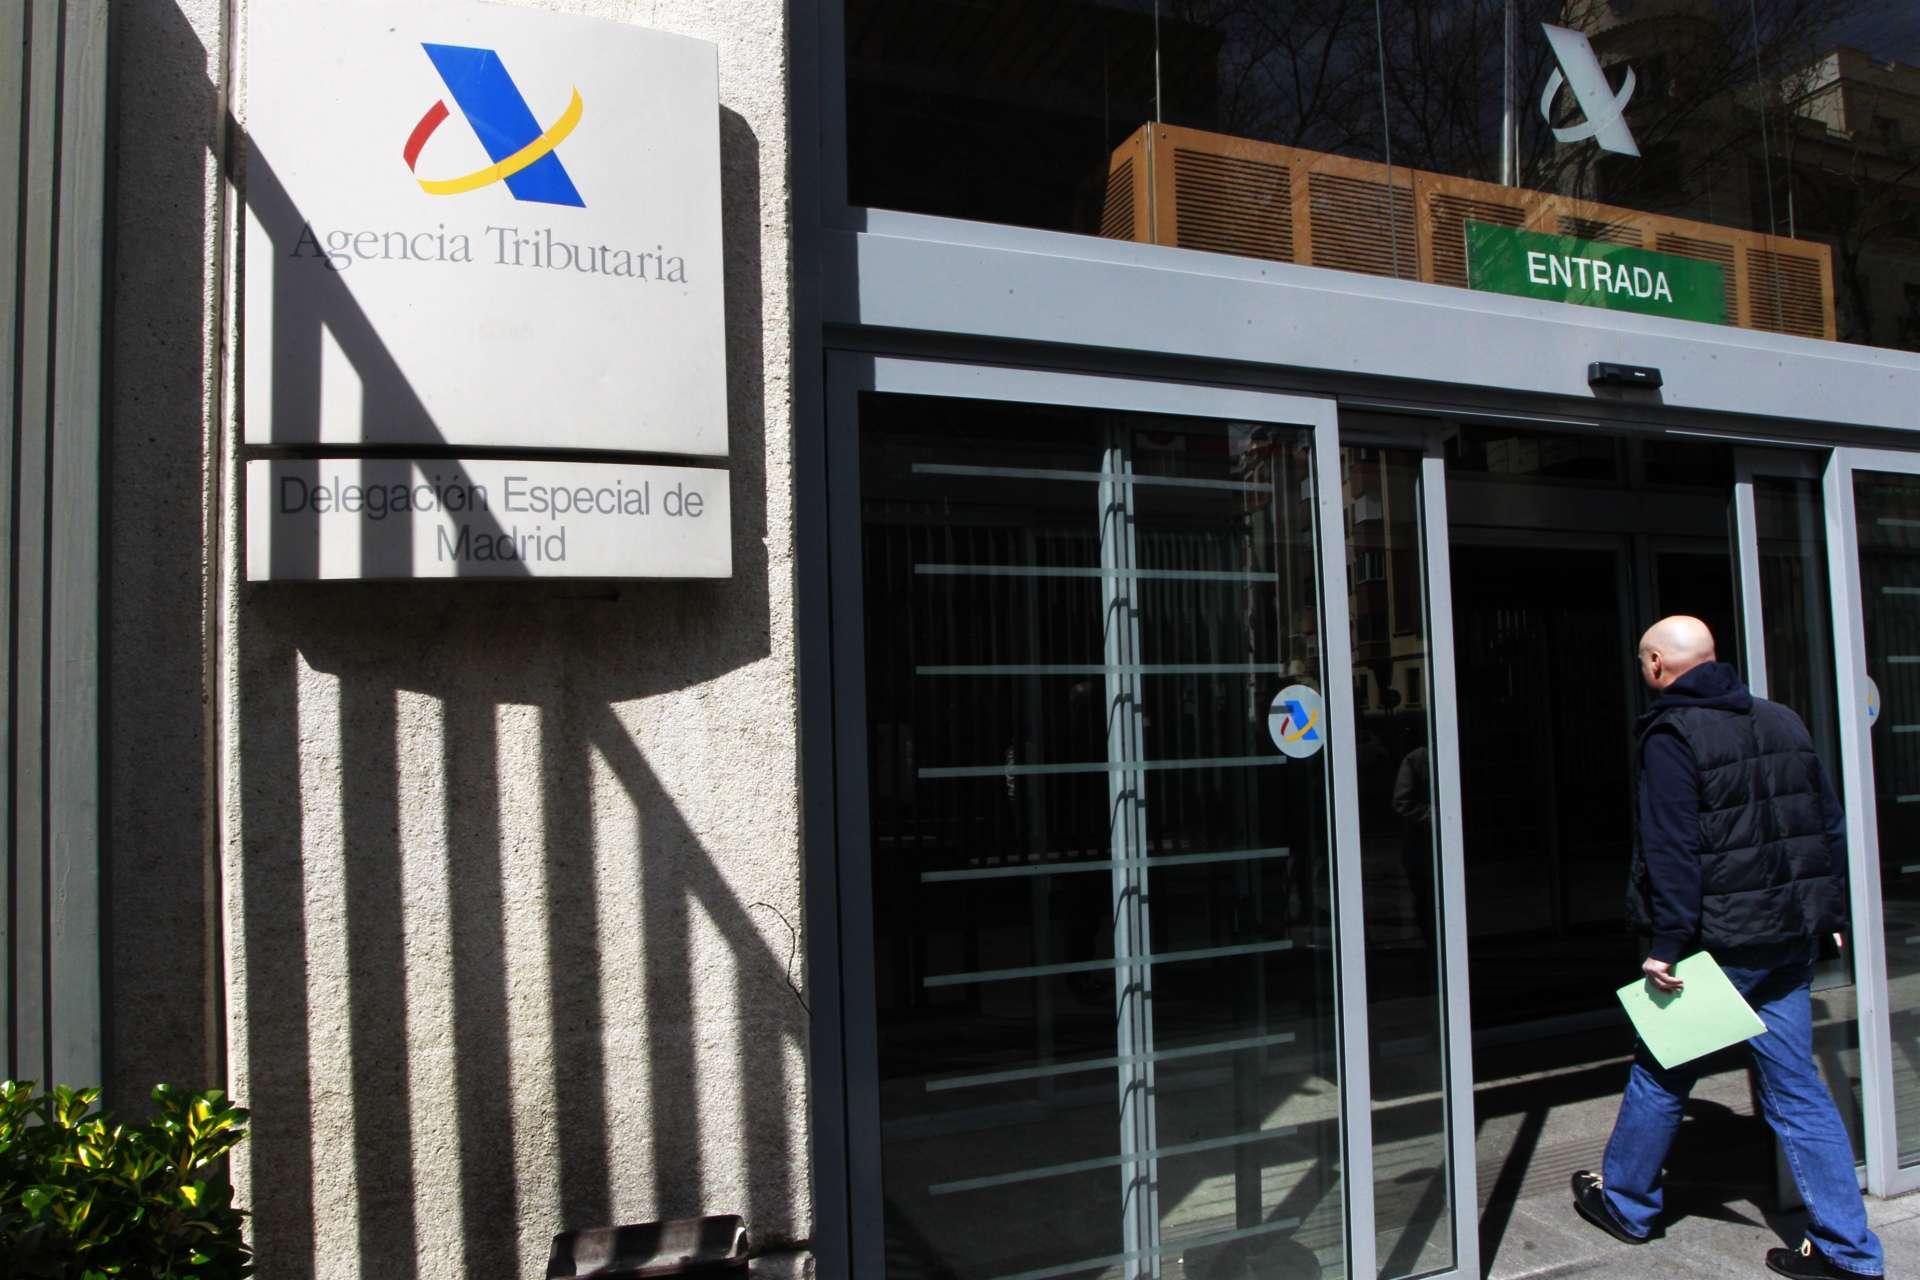 Sede de la Delegación Especial de Madrid de la Agencia Tributaria / EFE